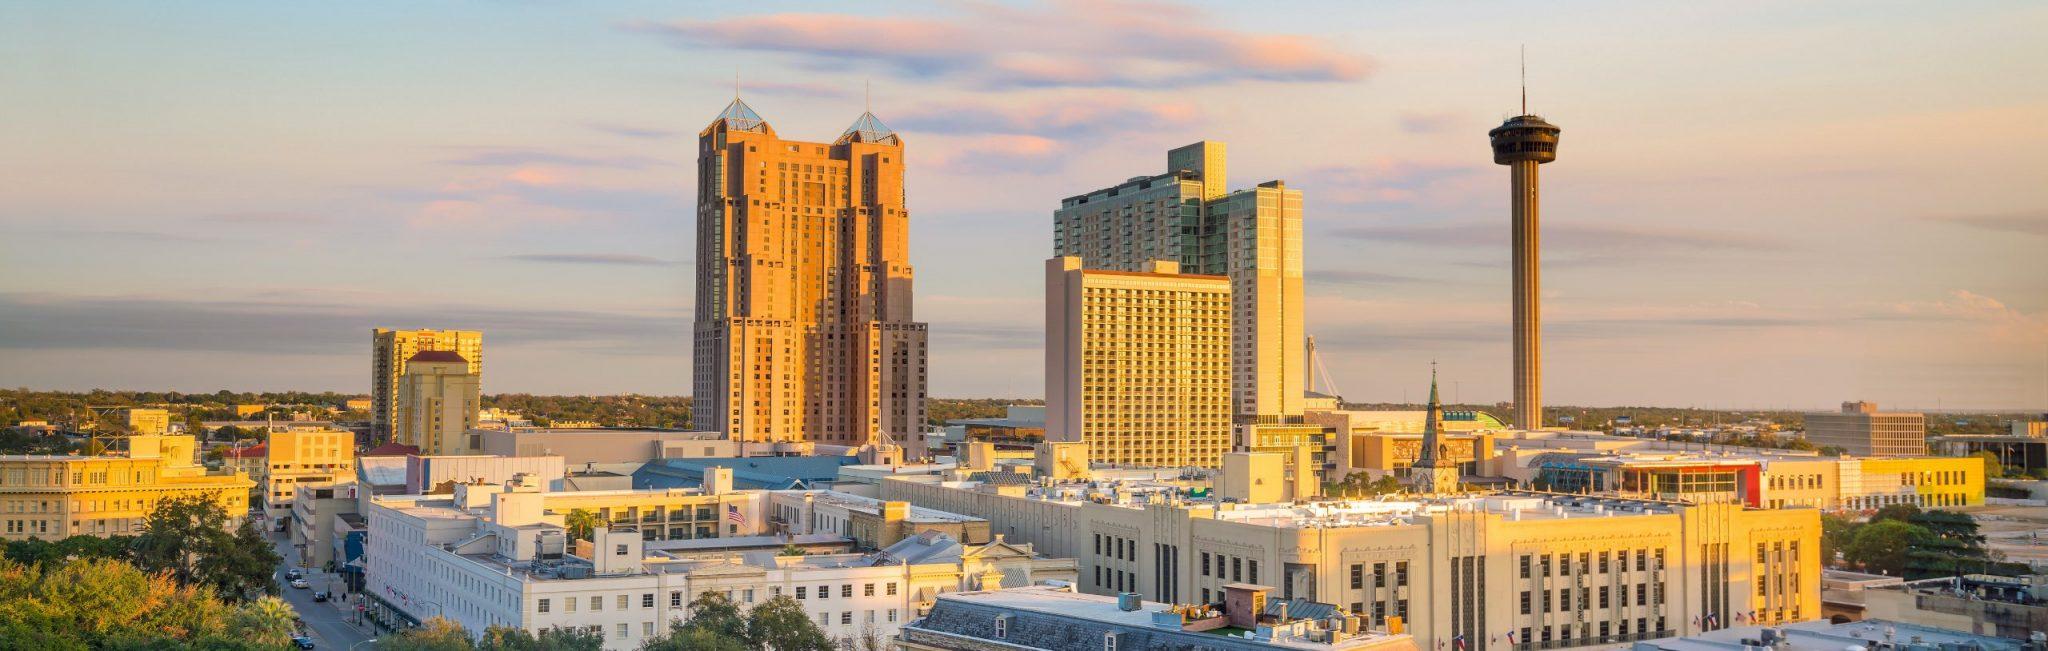 Downtown San Antonio buildings